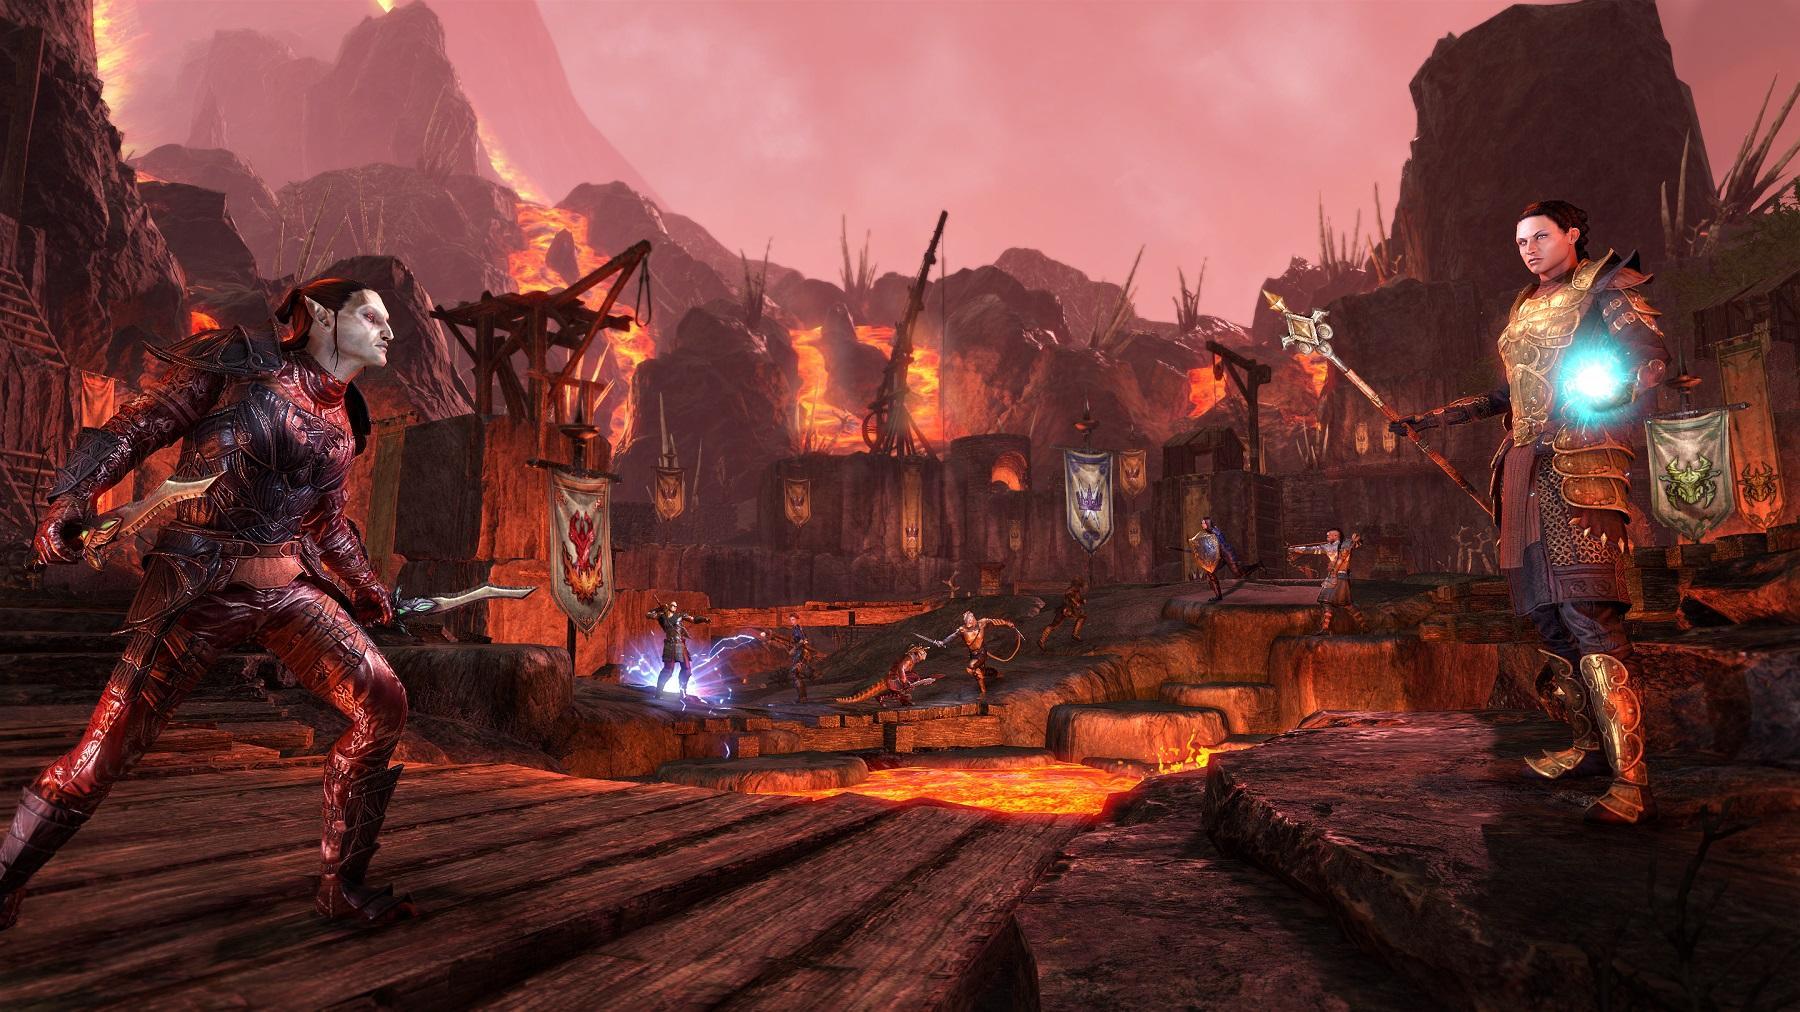 In nuovi battlegrounds metteranno alla prova le vostre abilità.